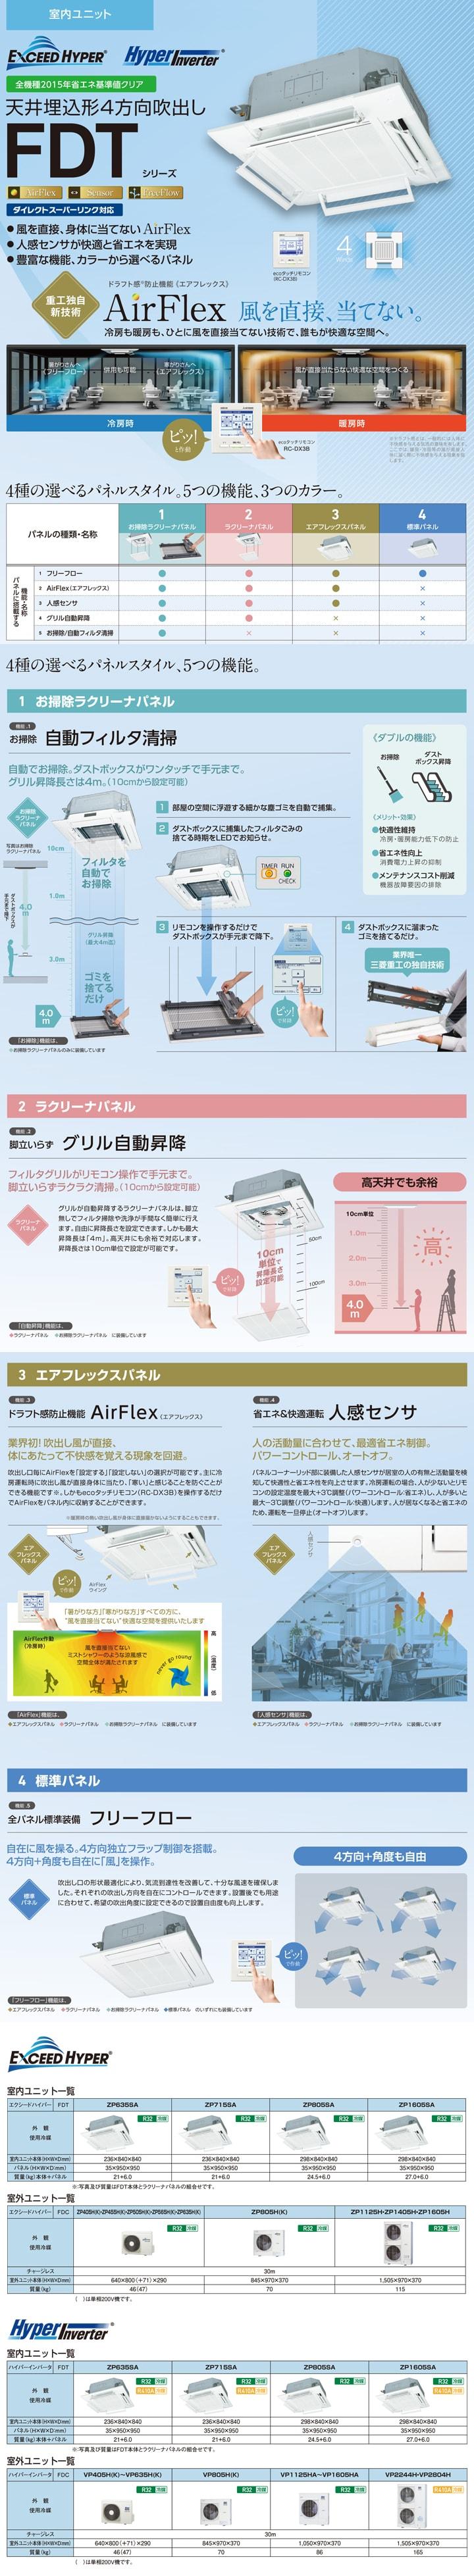 三菱重工 FDTV805HP5SA-white 業務用エアコン